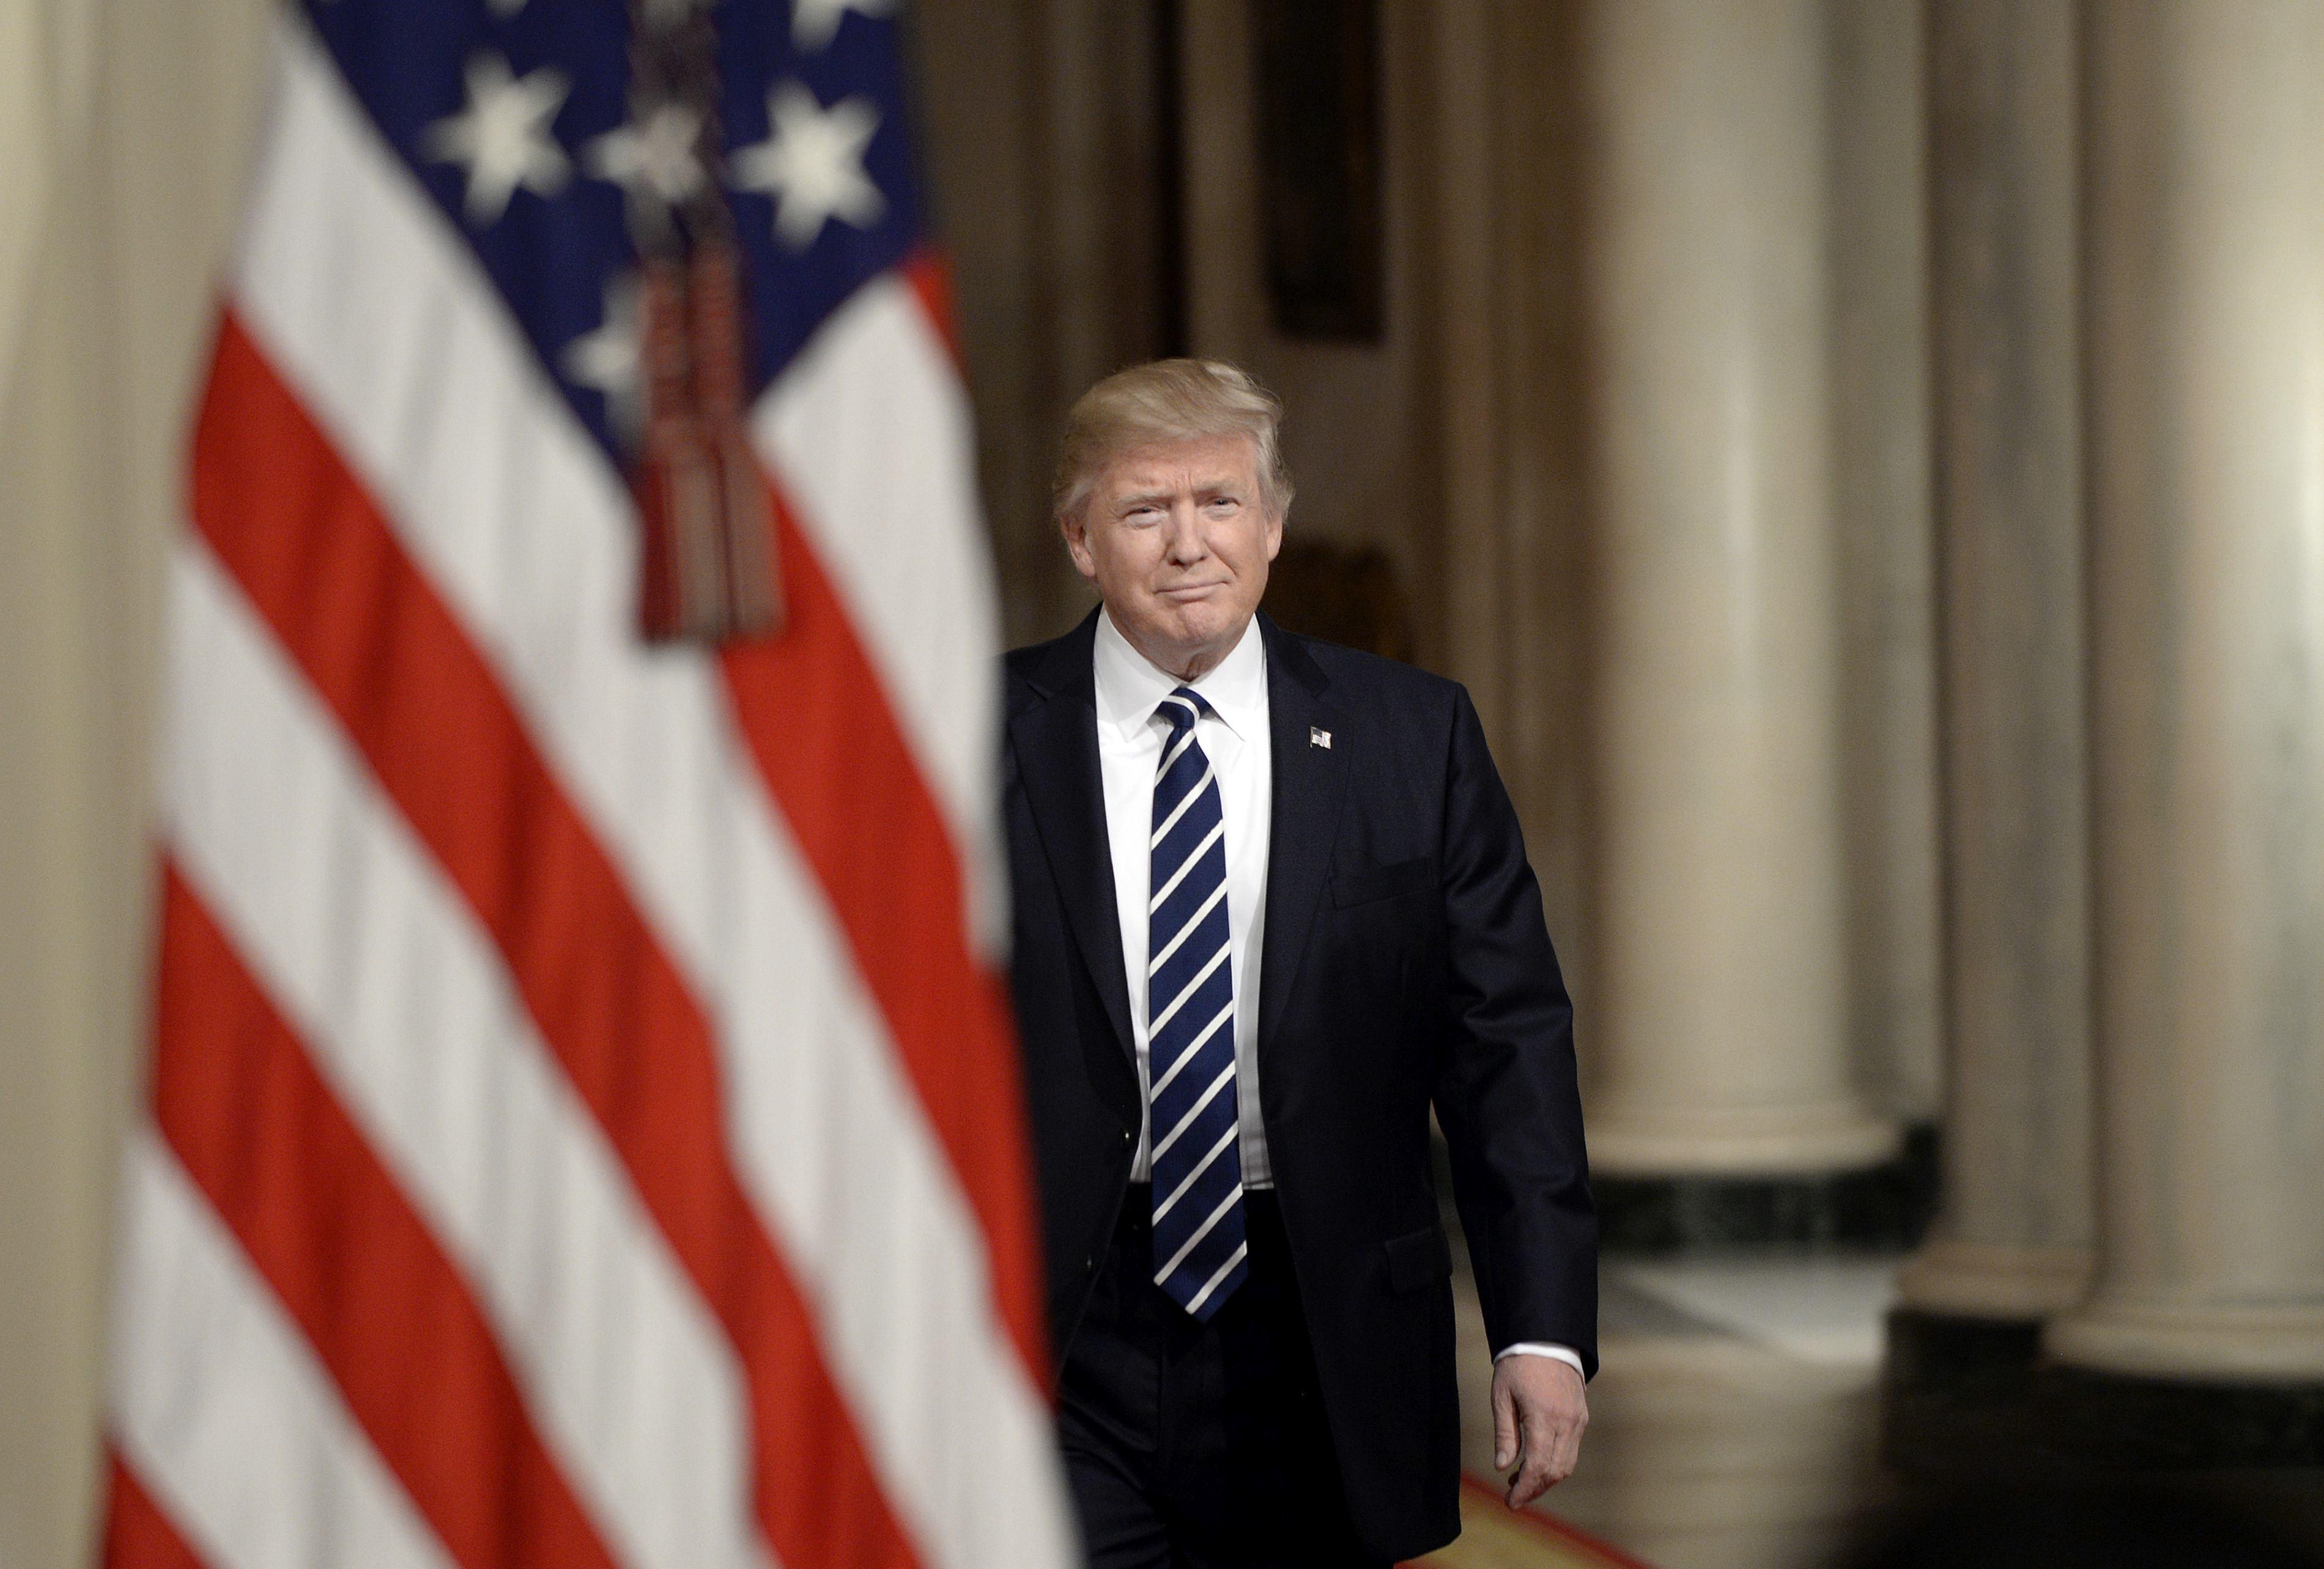 Curtea Supremă de Justiţie din SUA permite aplicarea măsurilor antiimigraţie dispuse de Donald Trump